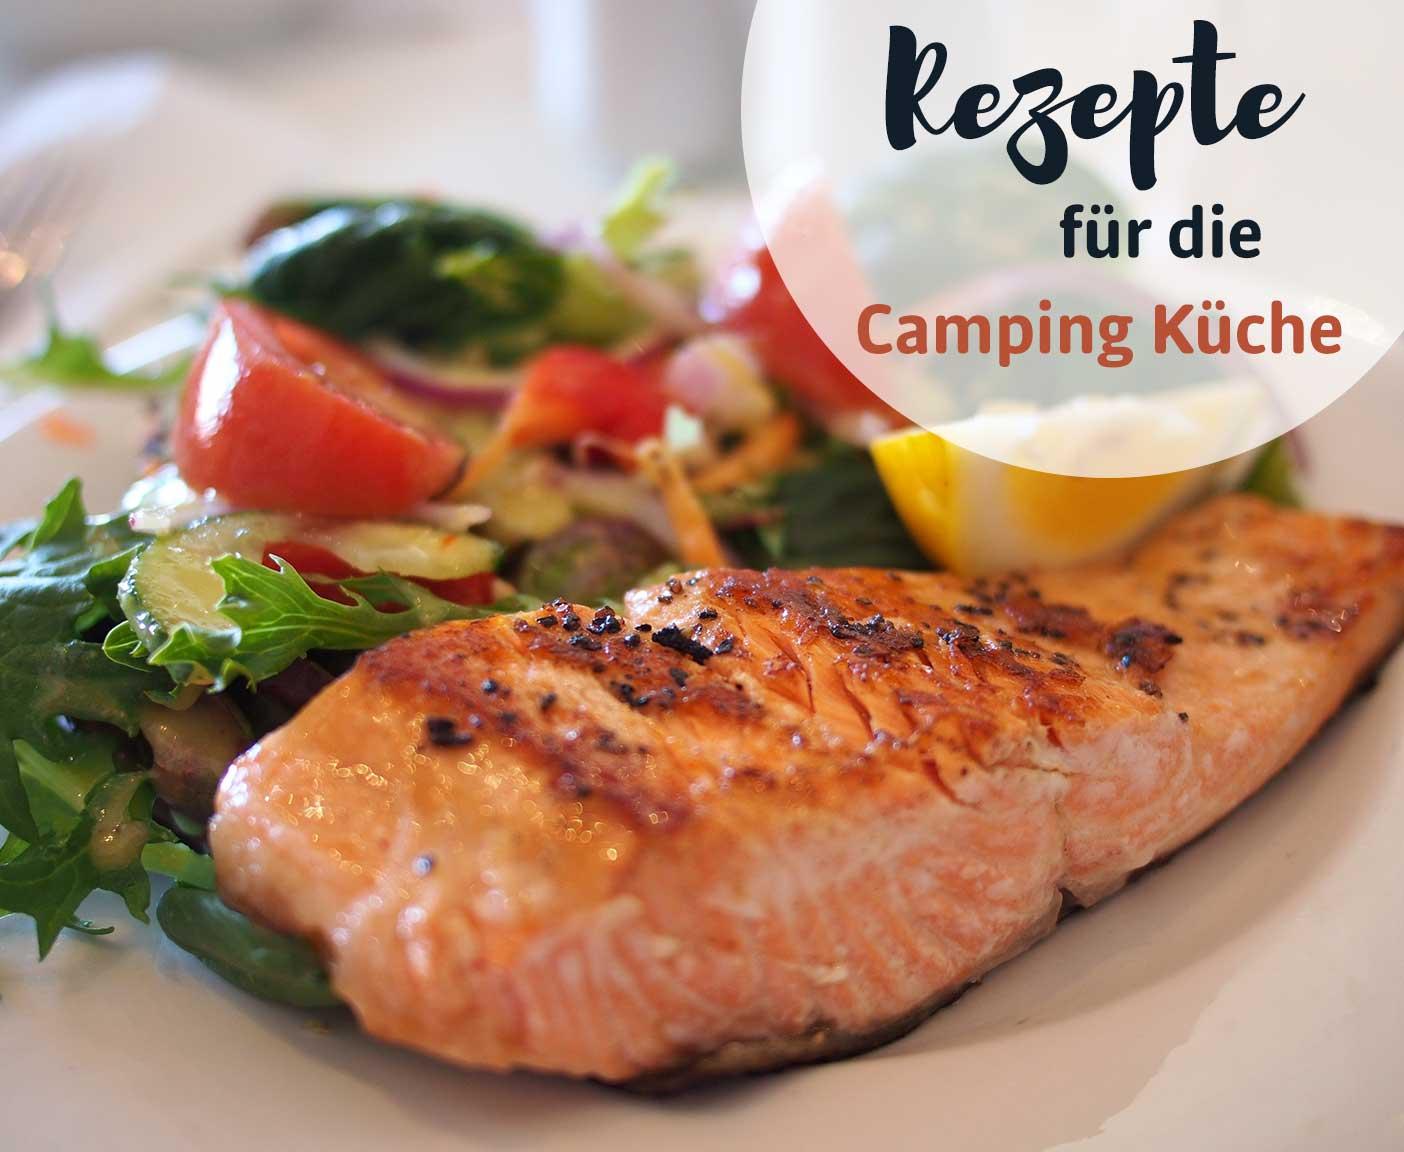 Lachsfilet mit Tomaten, Salat, Zitrone, Packliste Camping mit PaulCamper